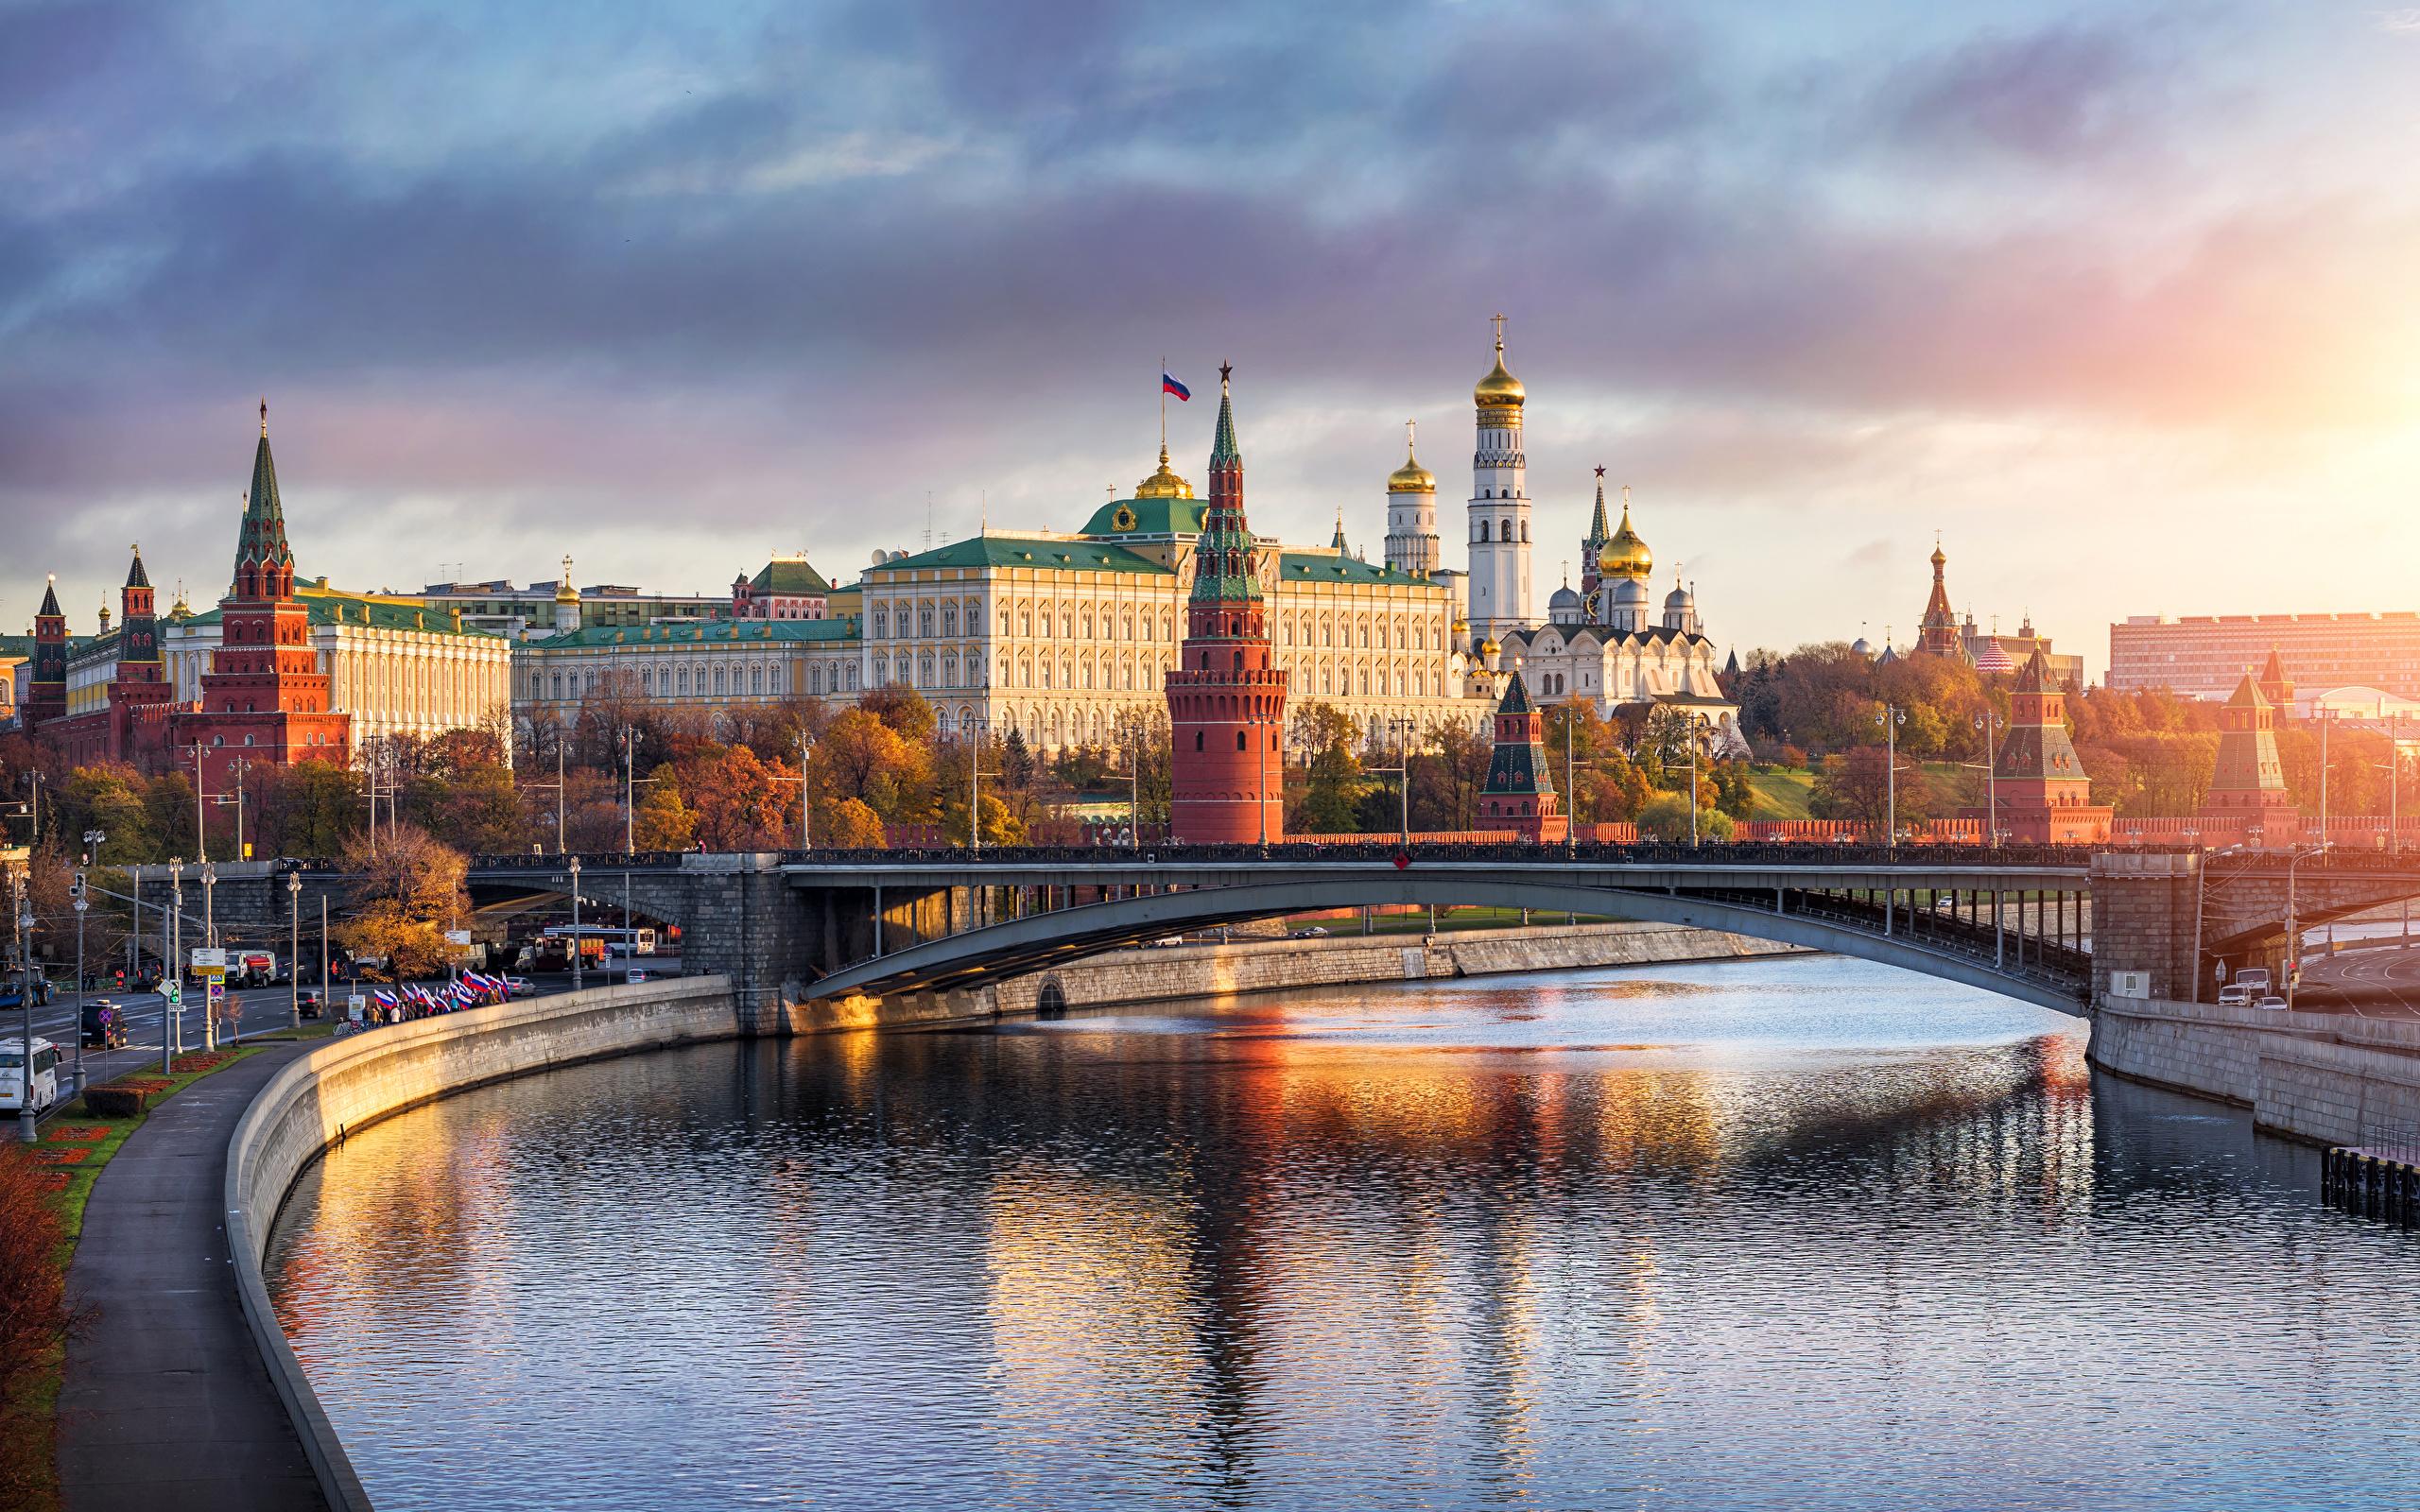 трухин один фотообои москва кремль попасть брест